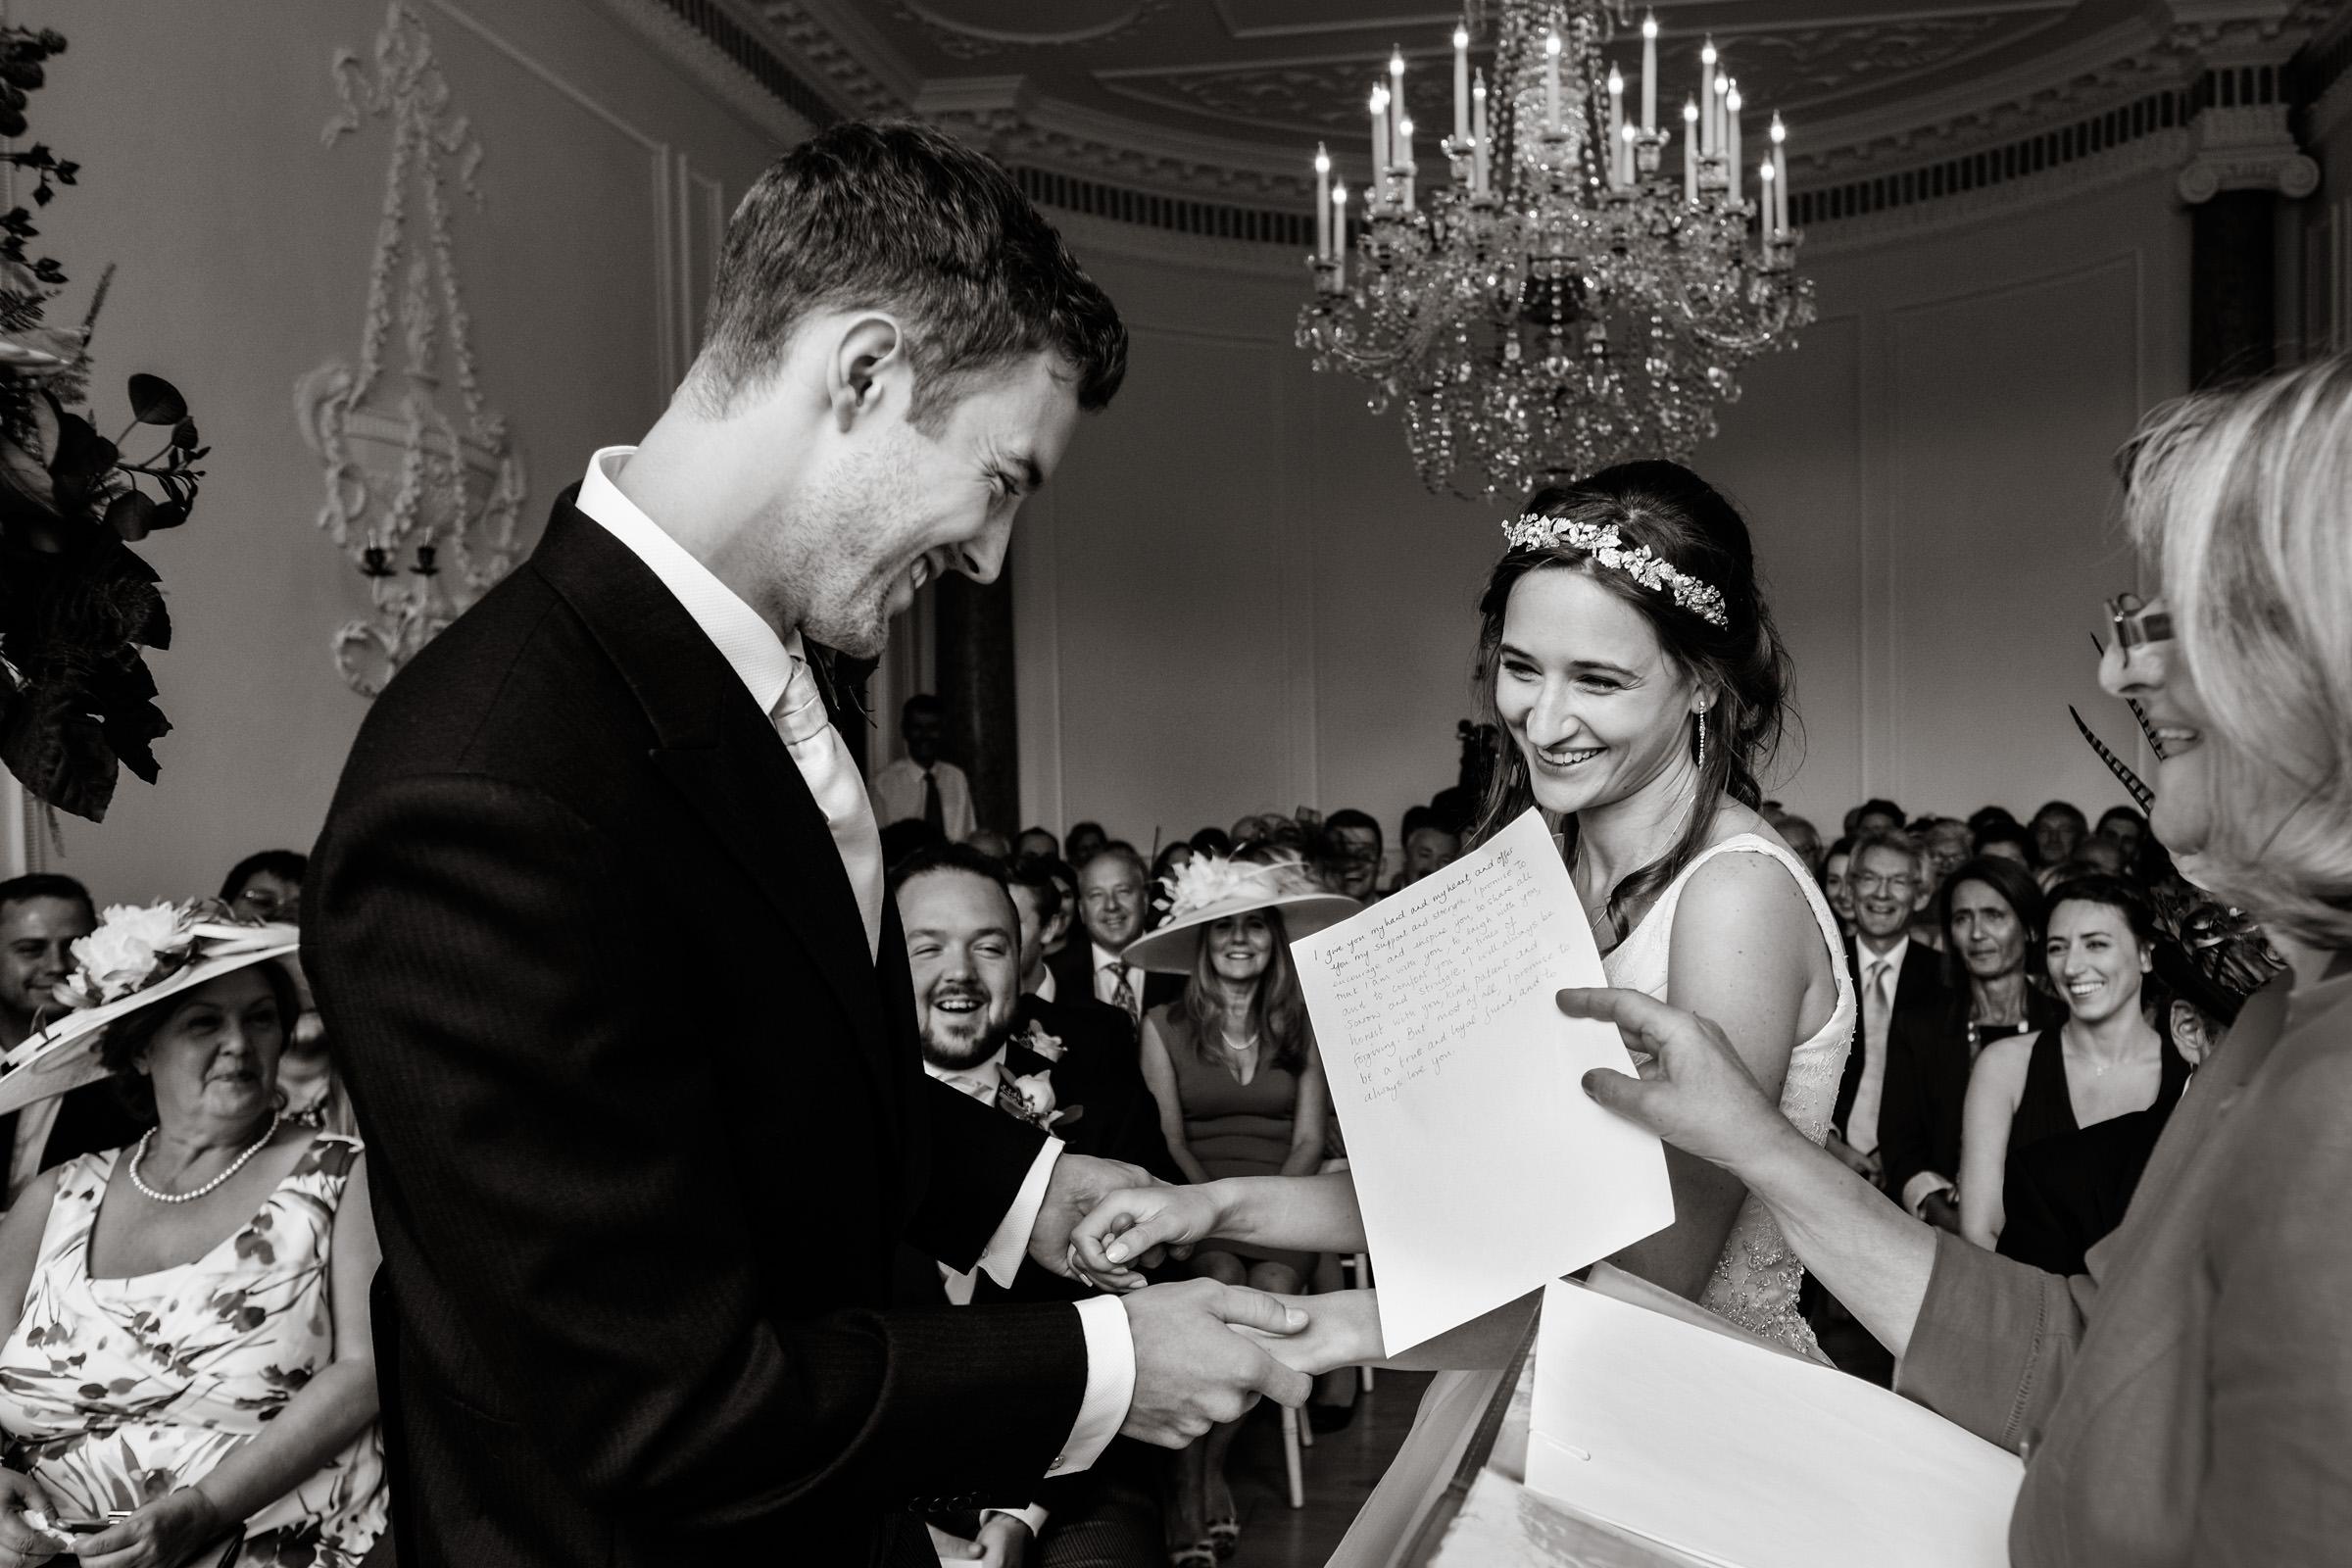 Rockbeare+Manor+Wedding+Photos+Devon+013.jpg